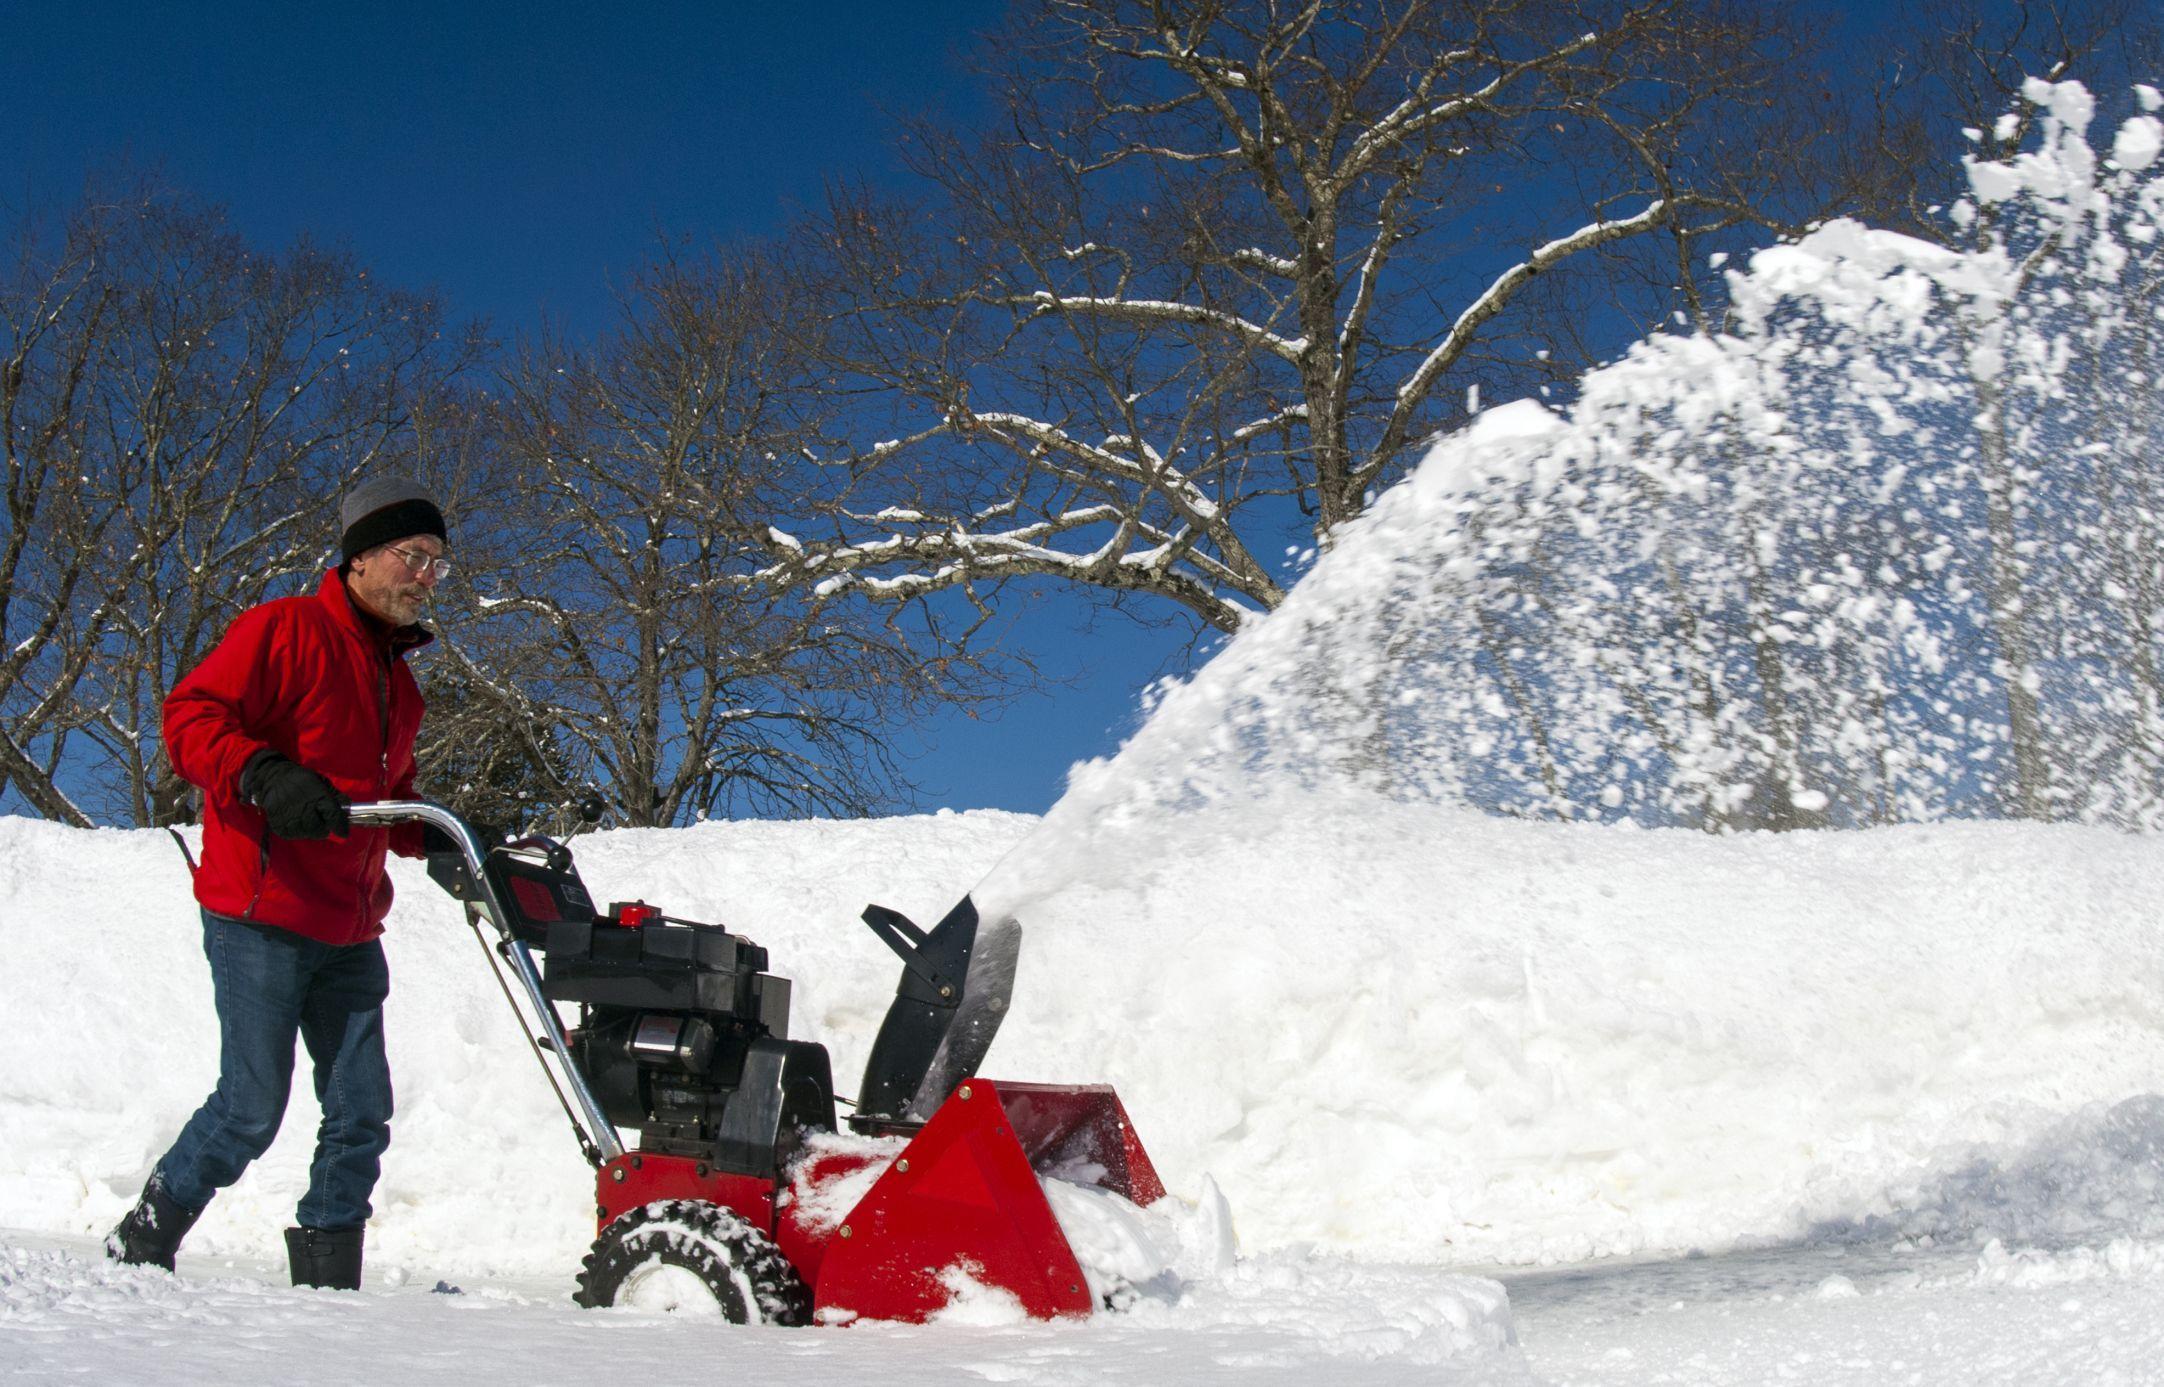 Снегоуборщик в металлическом корпусе